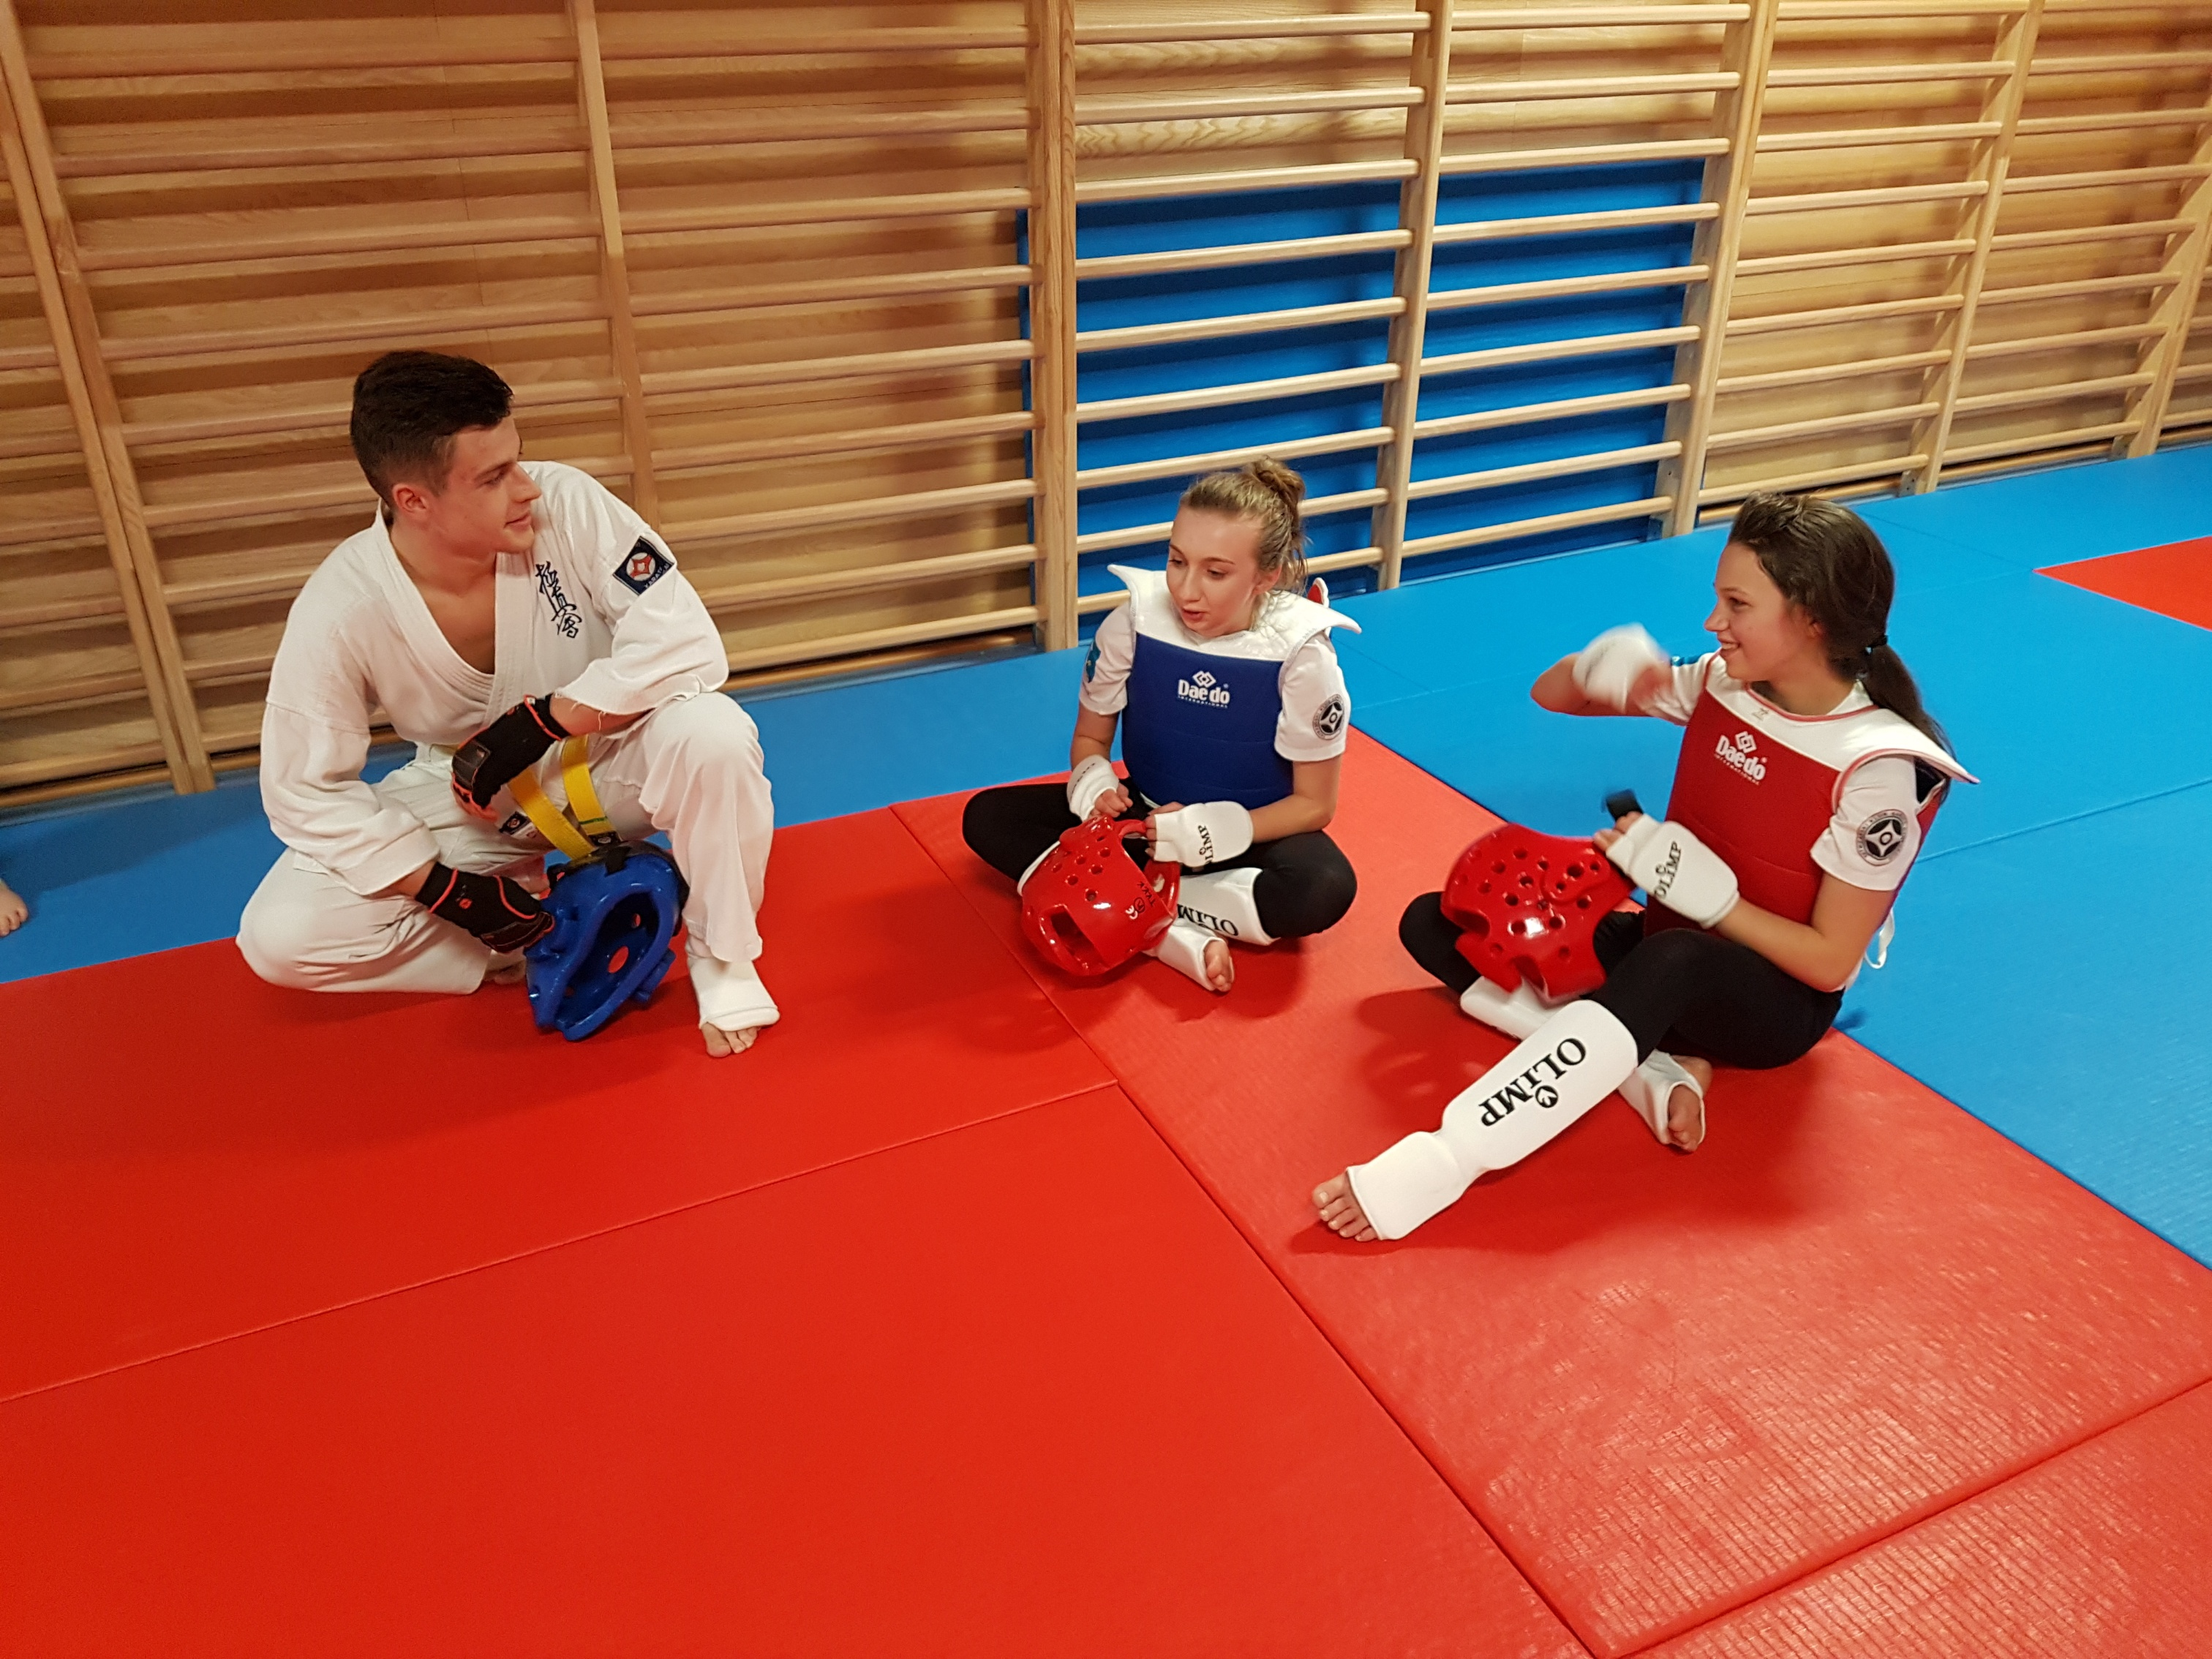 wspólny_trening_z_ARS_Limanowa_3.jpg